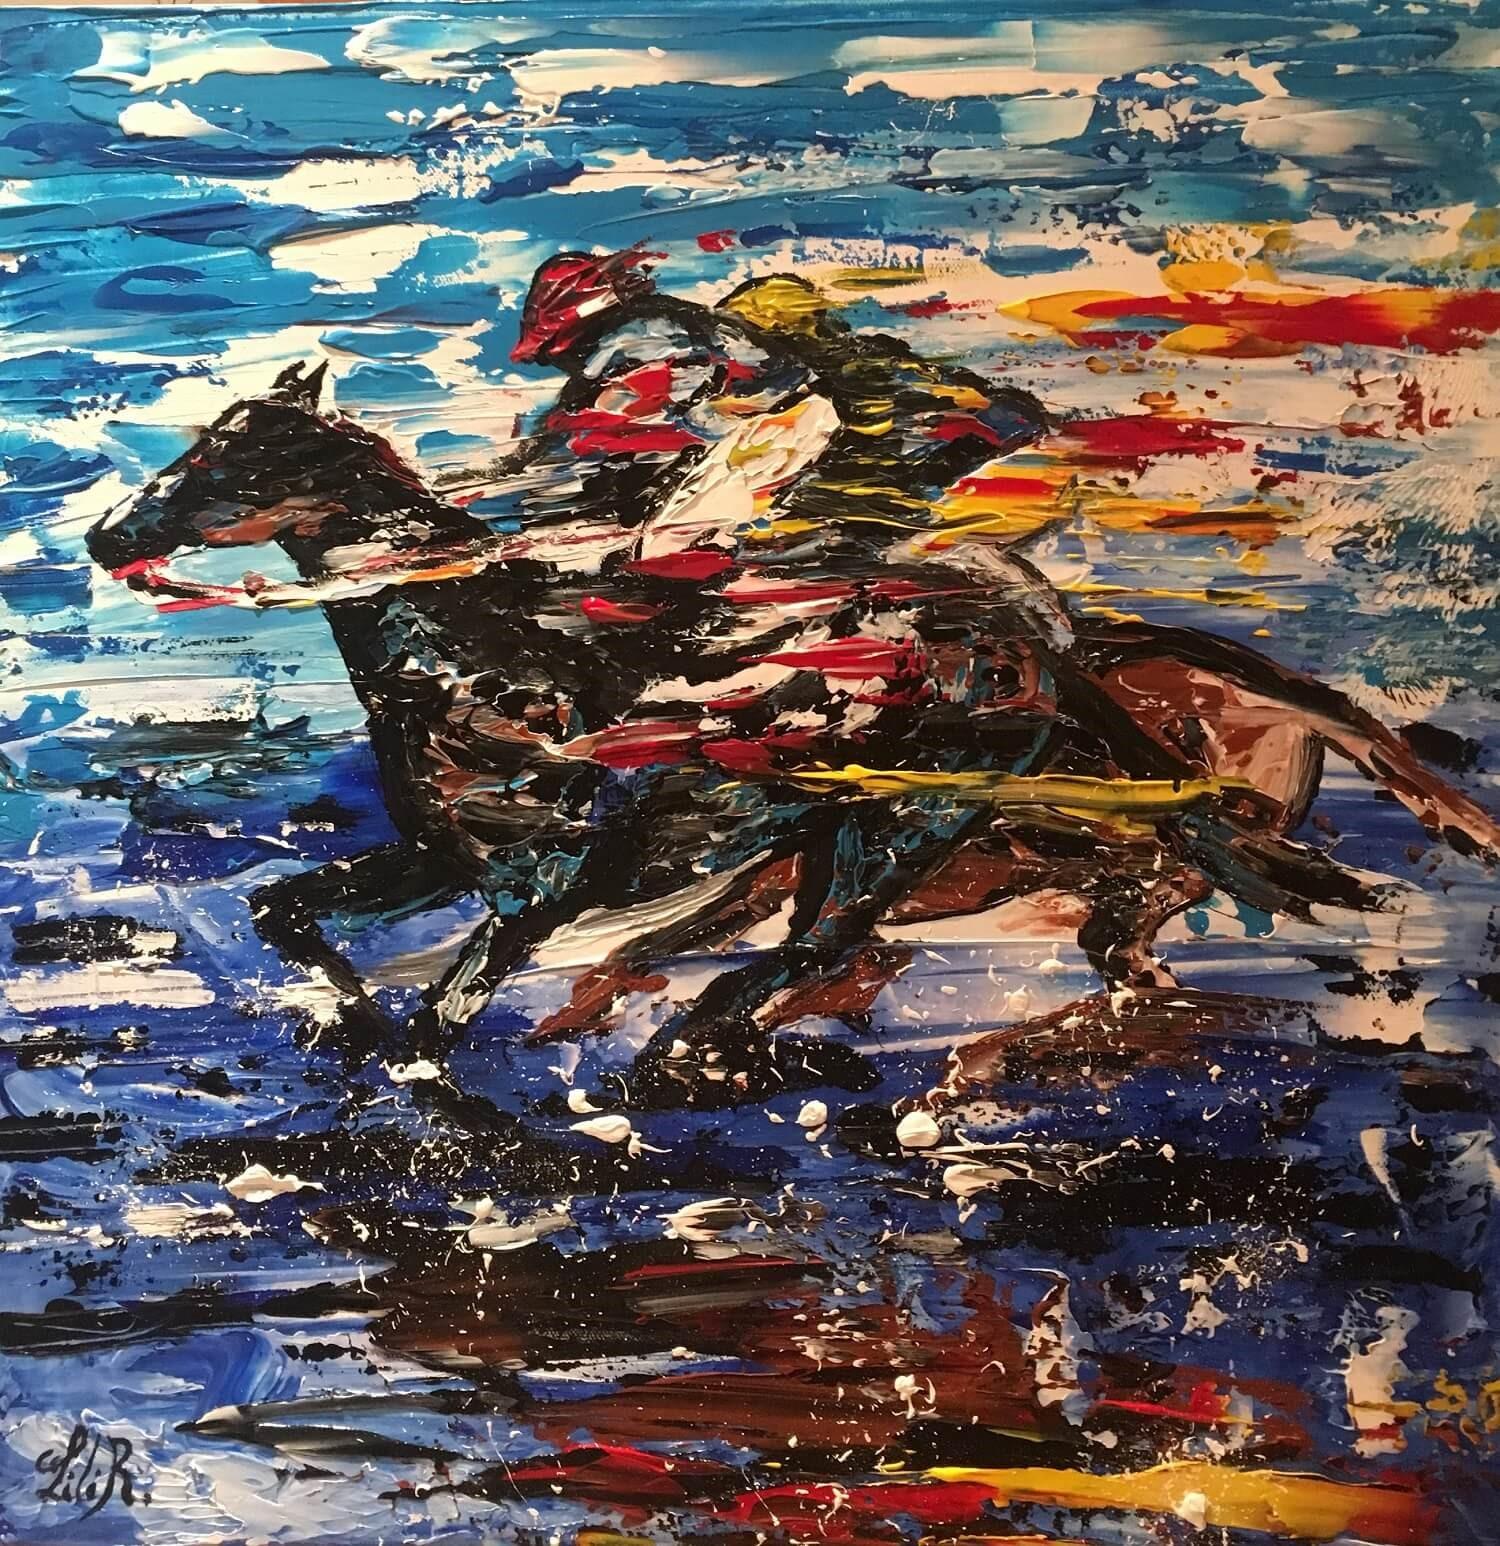 tableau acrylique les chevaux de lilir galop a la plage severine richer peintre normand